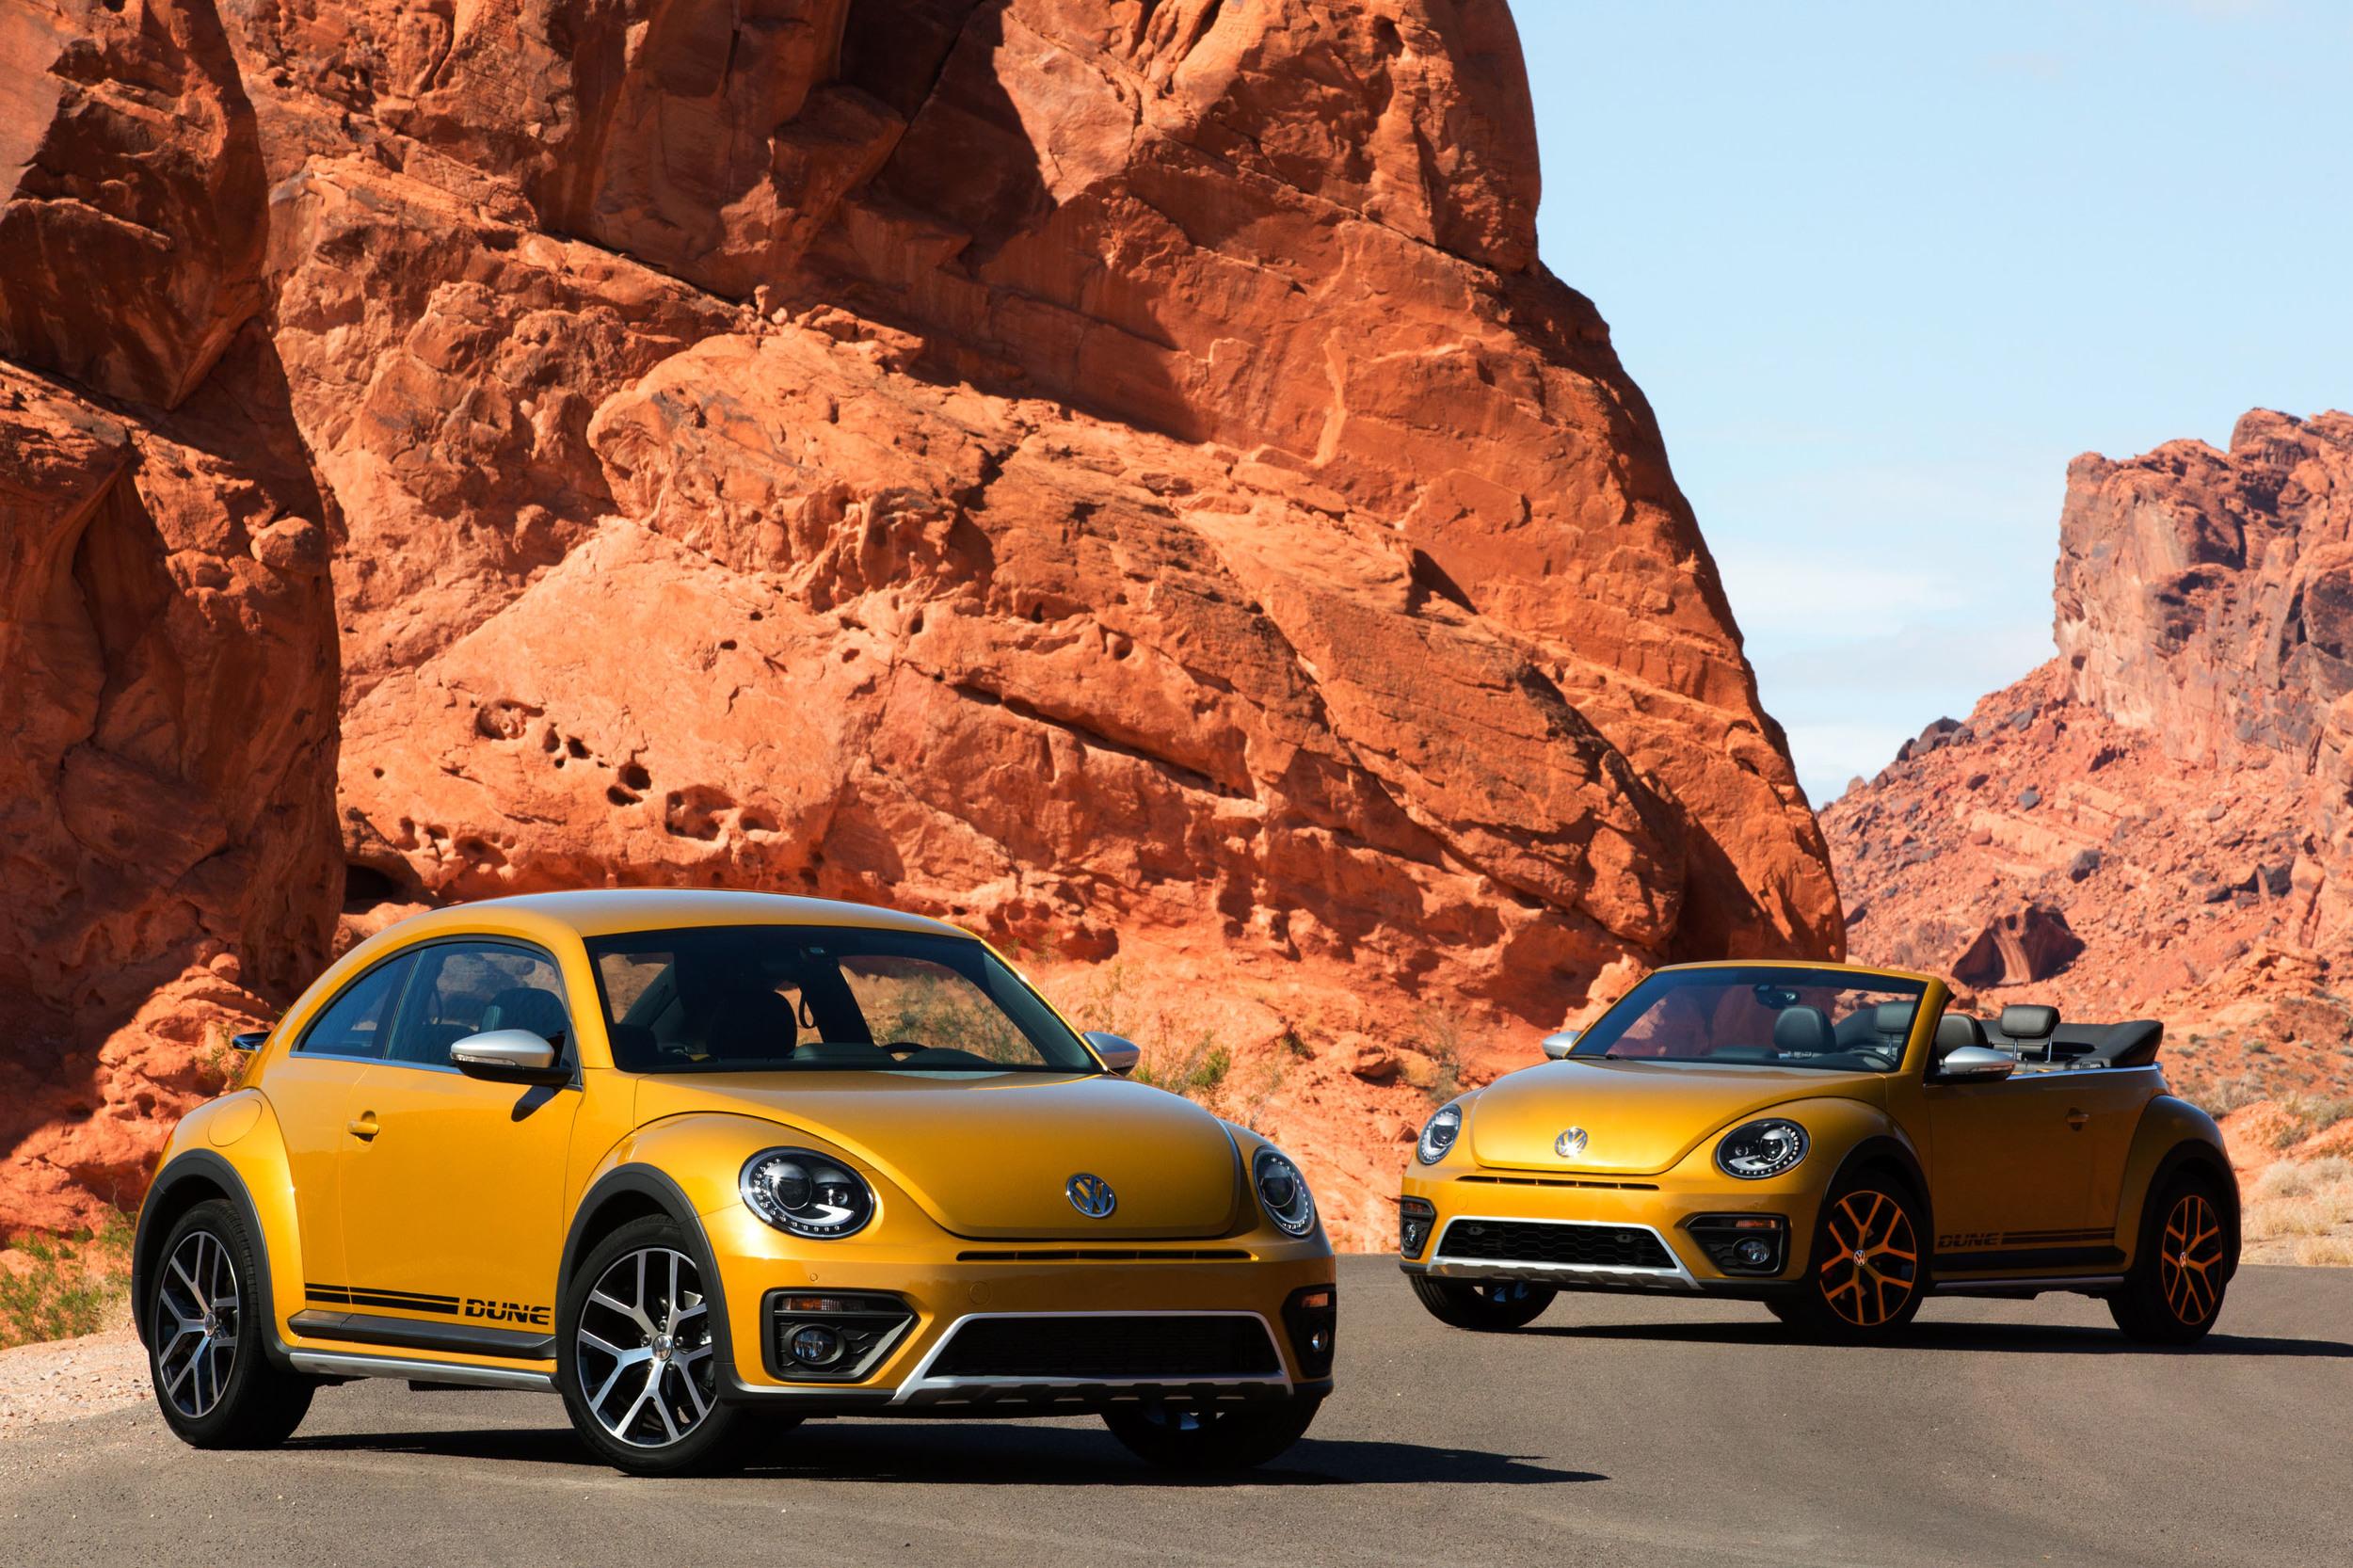 volkswagen beetle dune desert cover